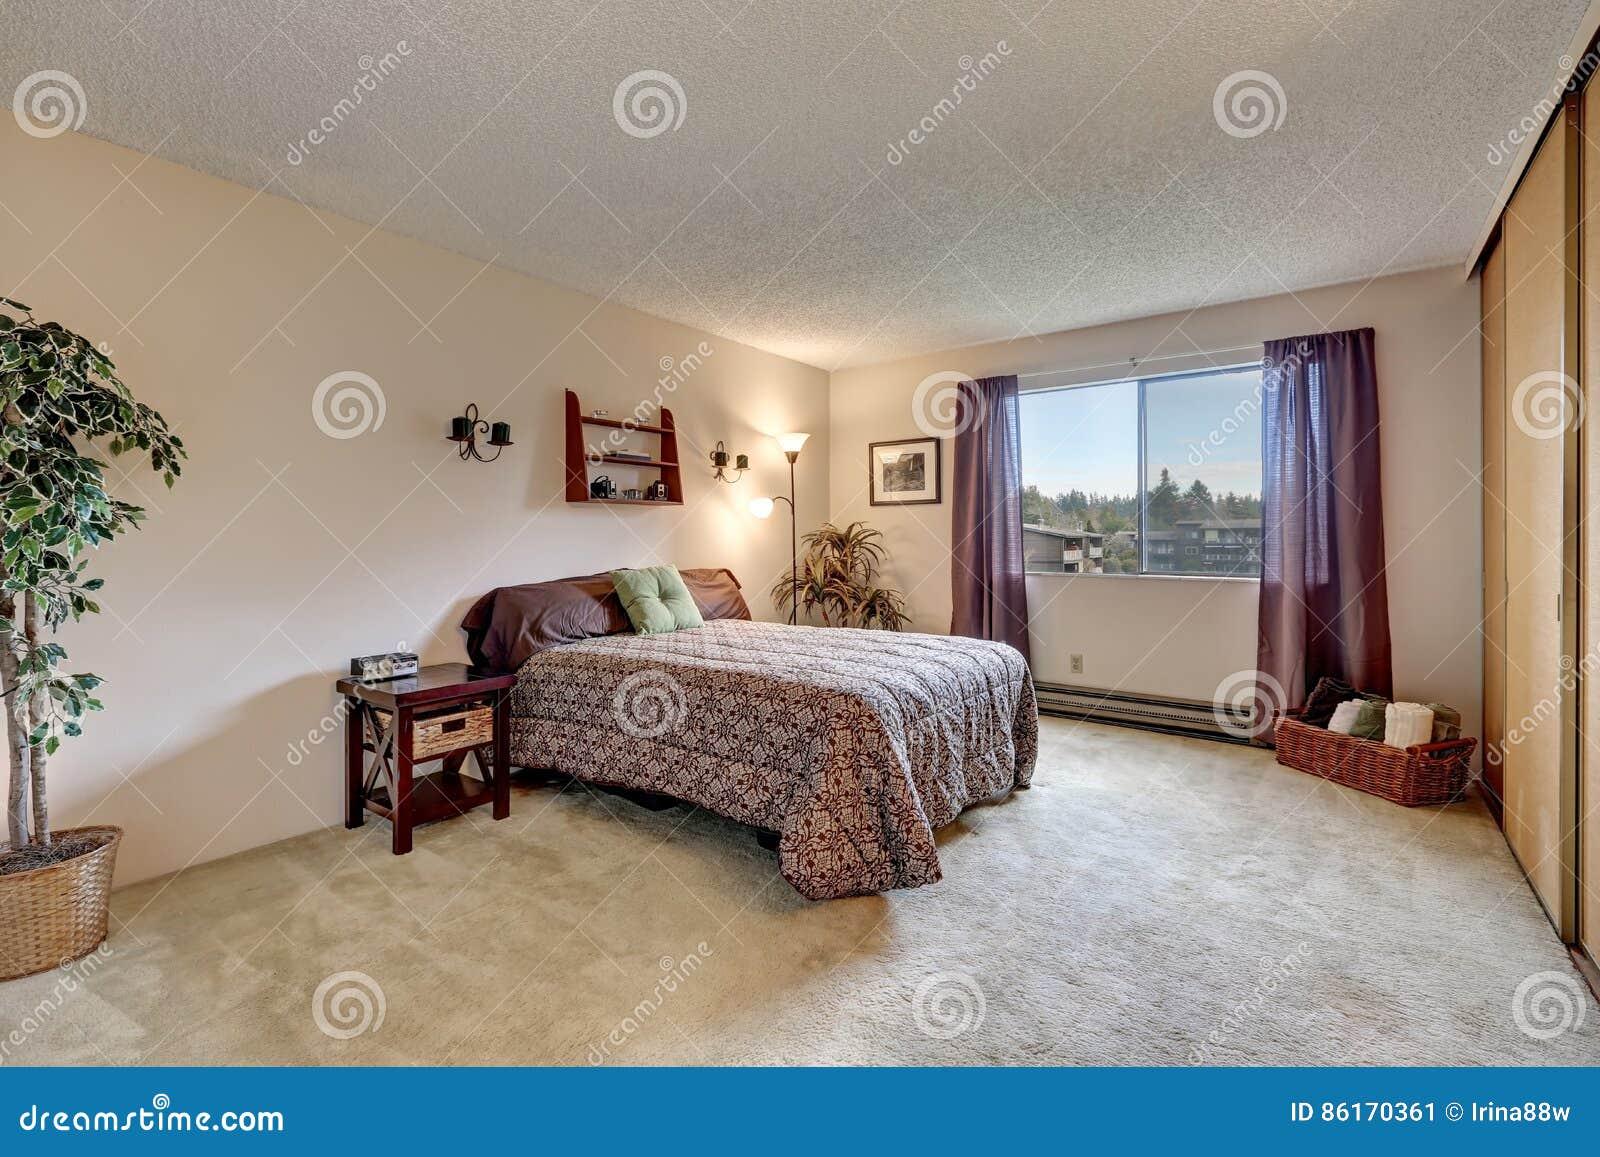 Camere Da Letto Tradizionali : La camera da letto tradizionale con le pareti beige calde dipinge